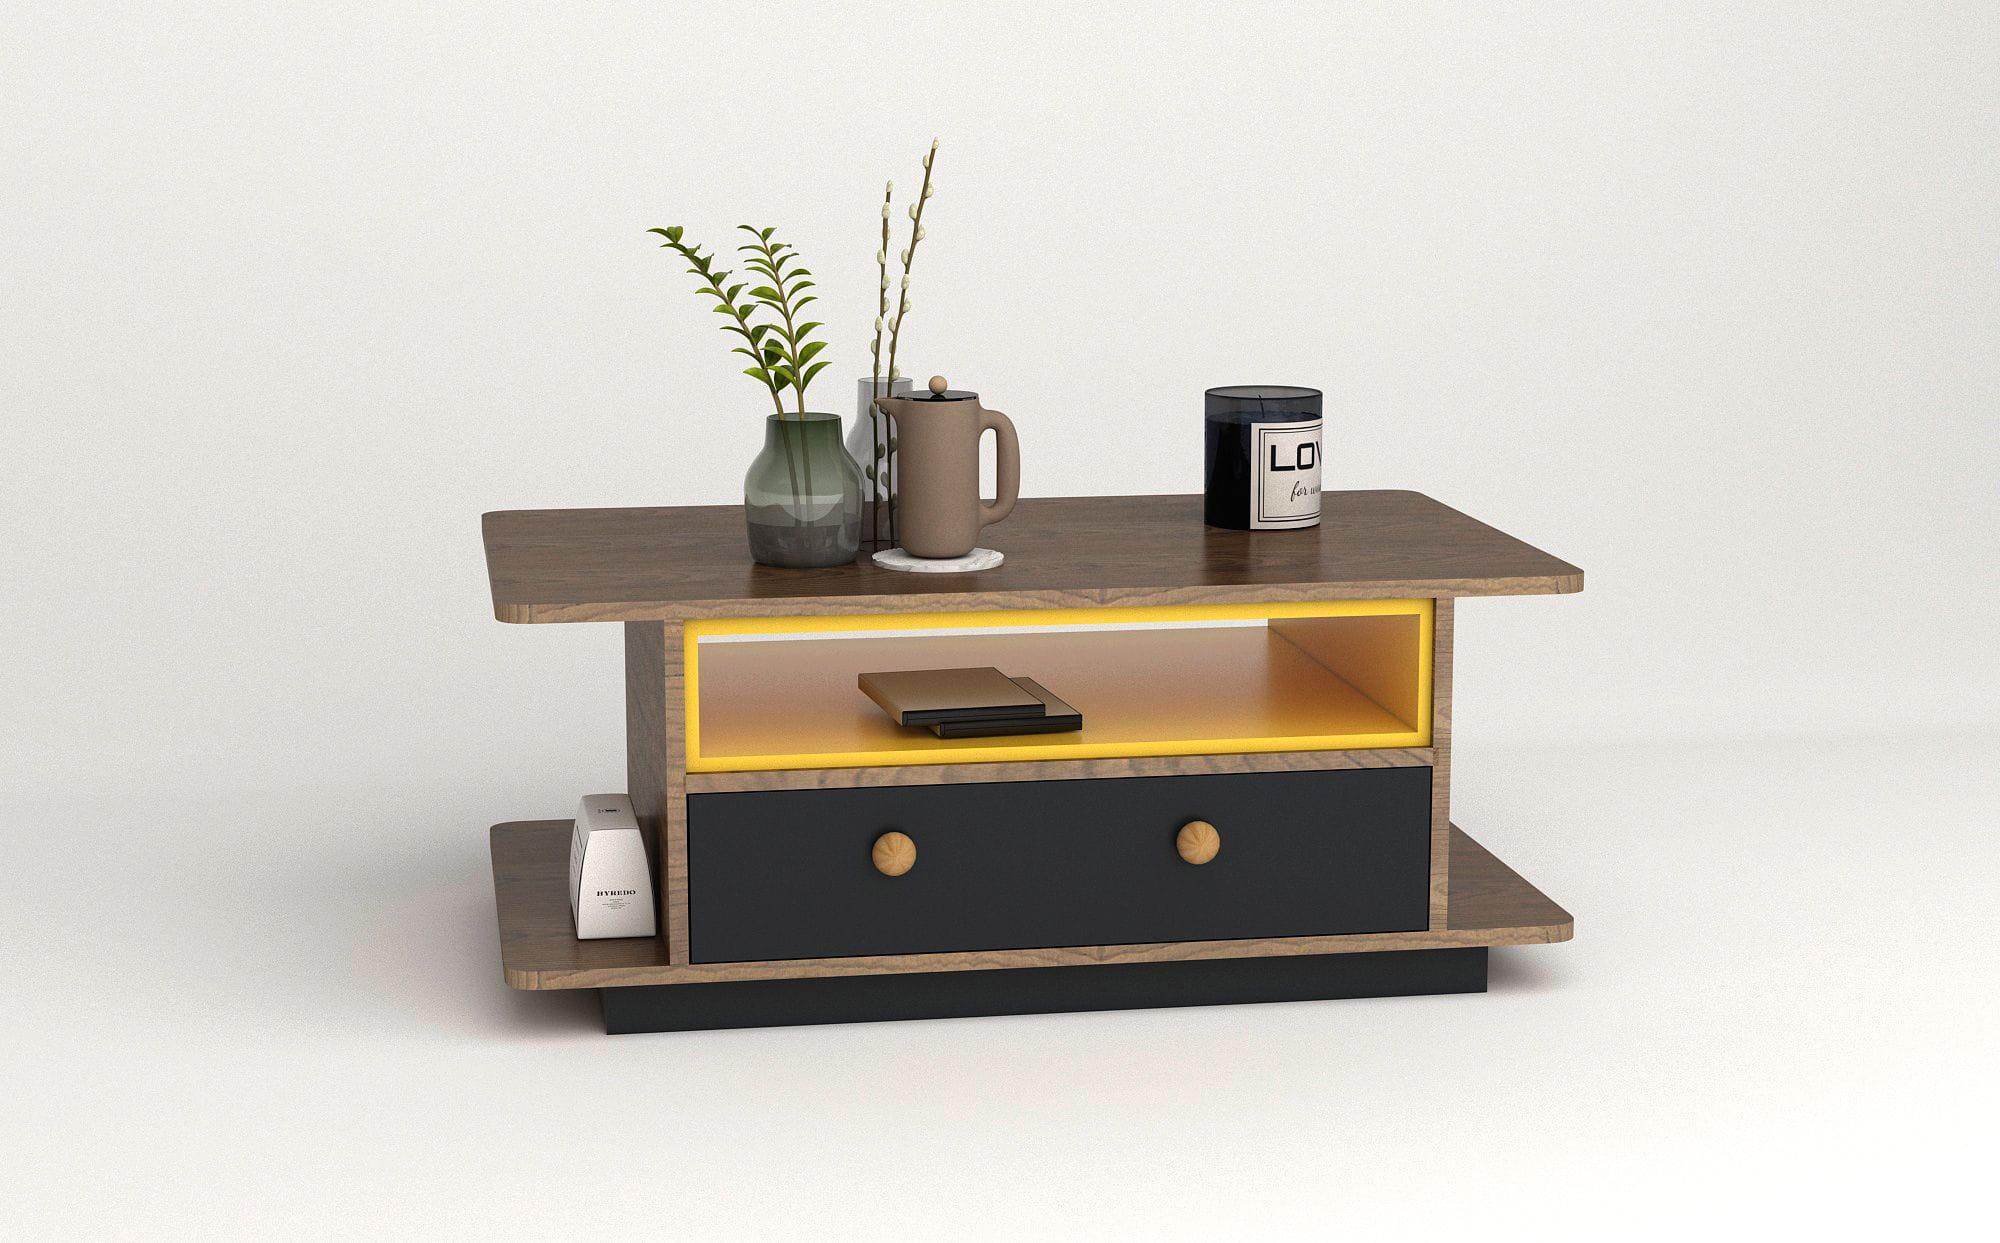 bàn trà gỗ btg-35 kho nội thất sài gòn